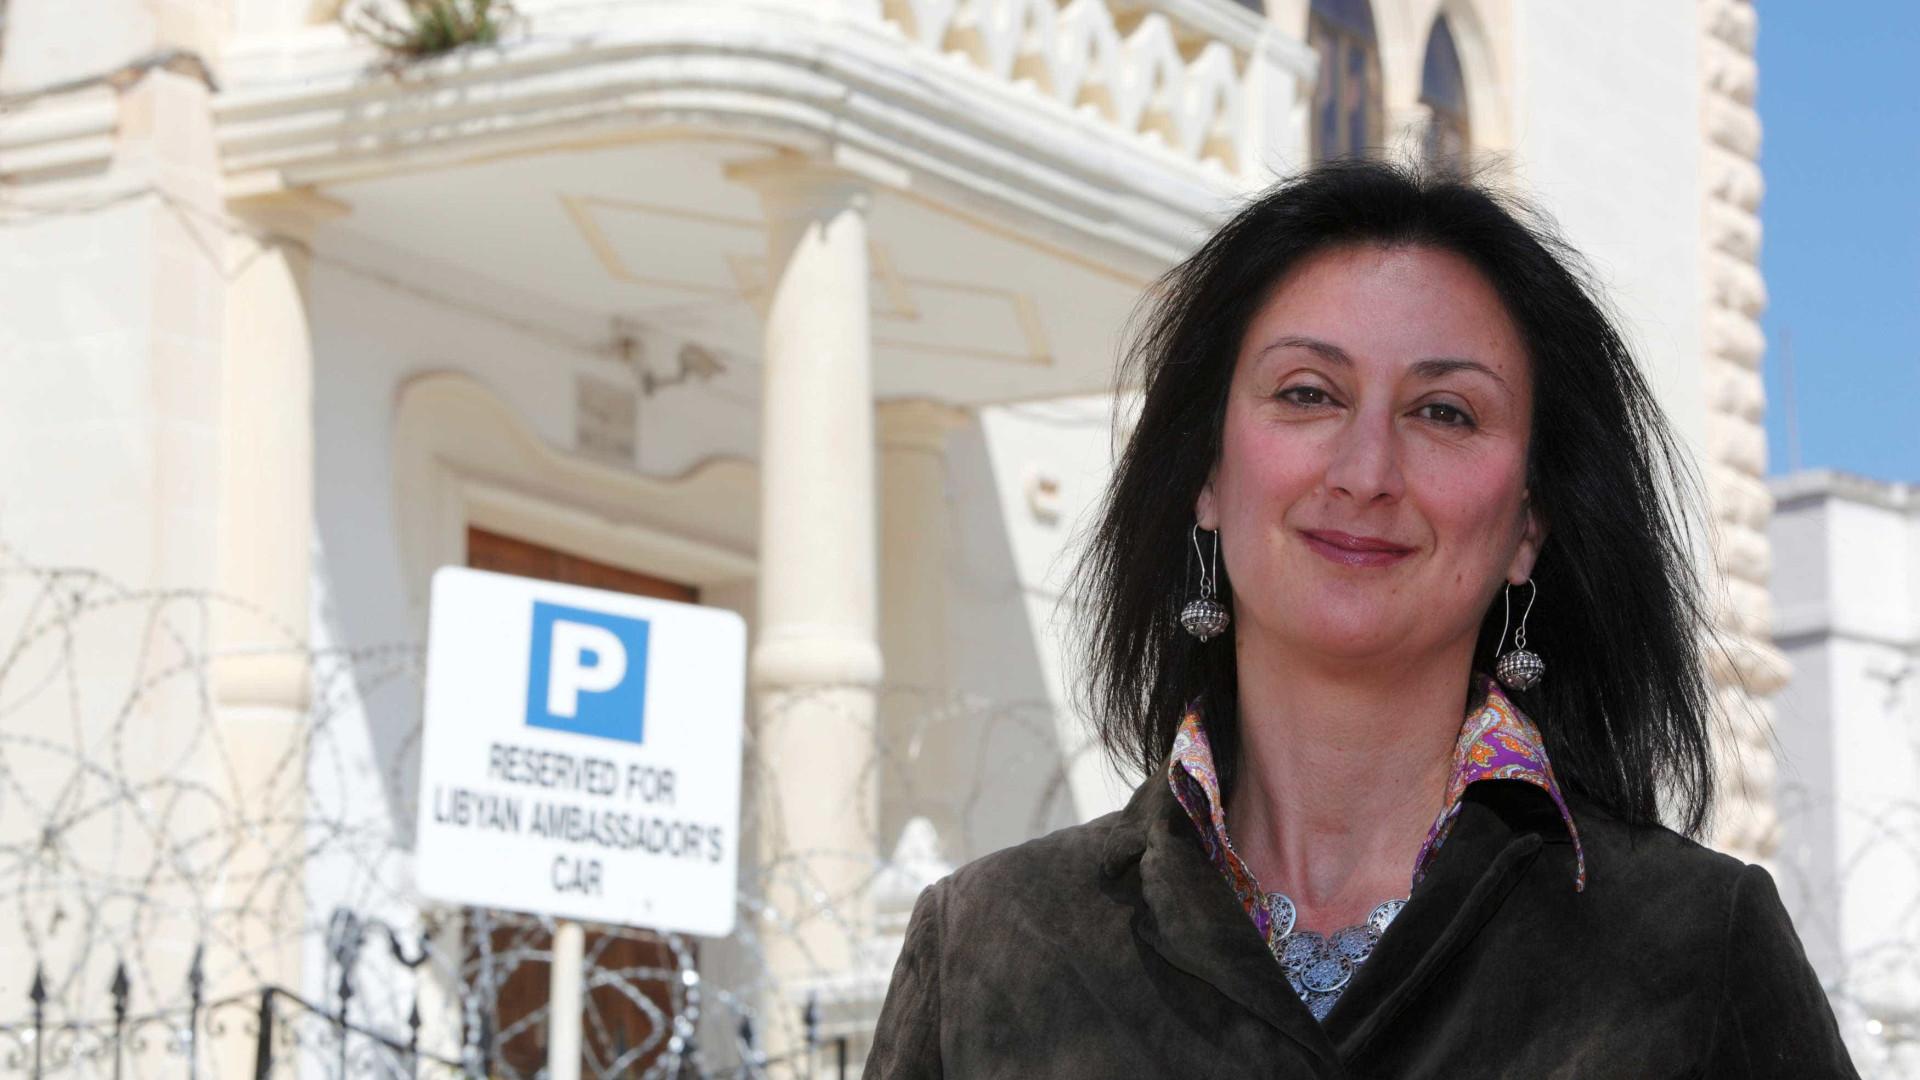 Filho de Daphne Caruana Galizia diz que mãe sofreu anos de intimidação